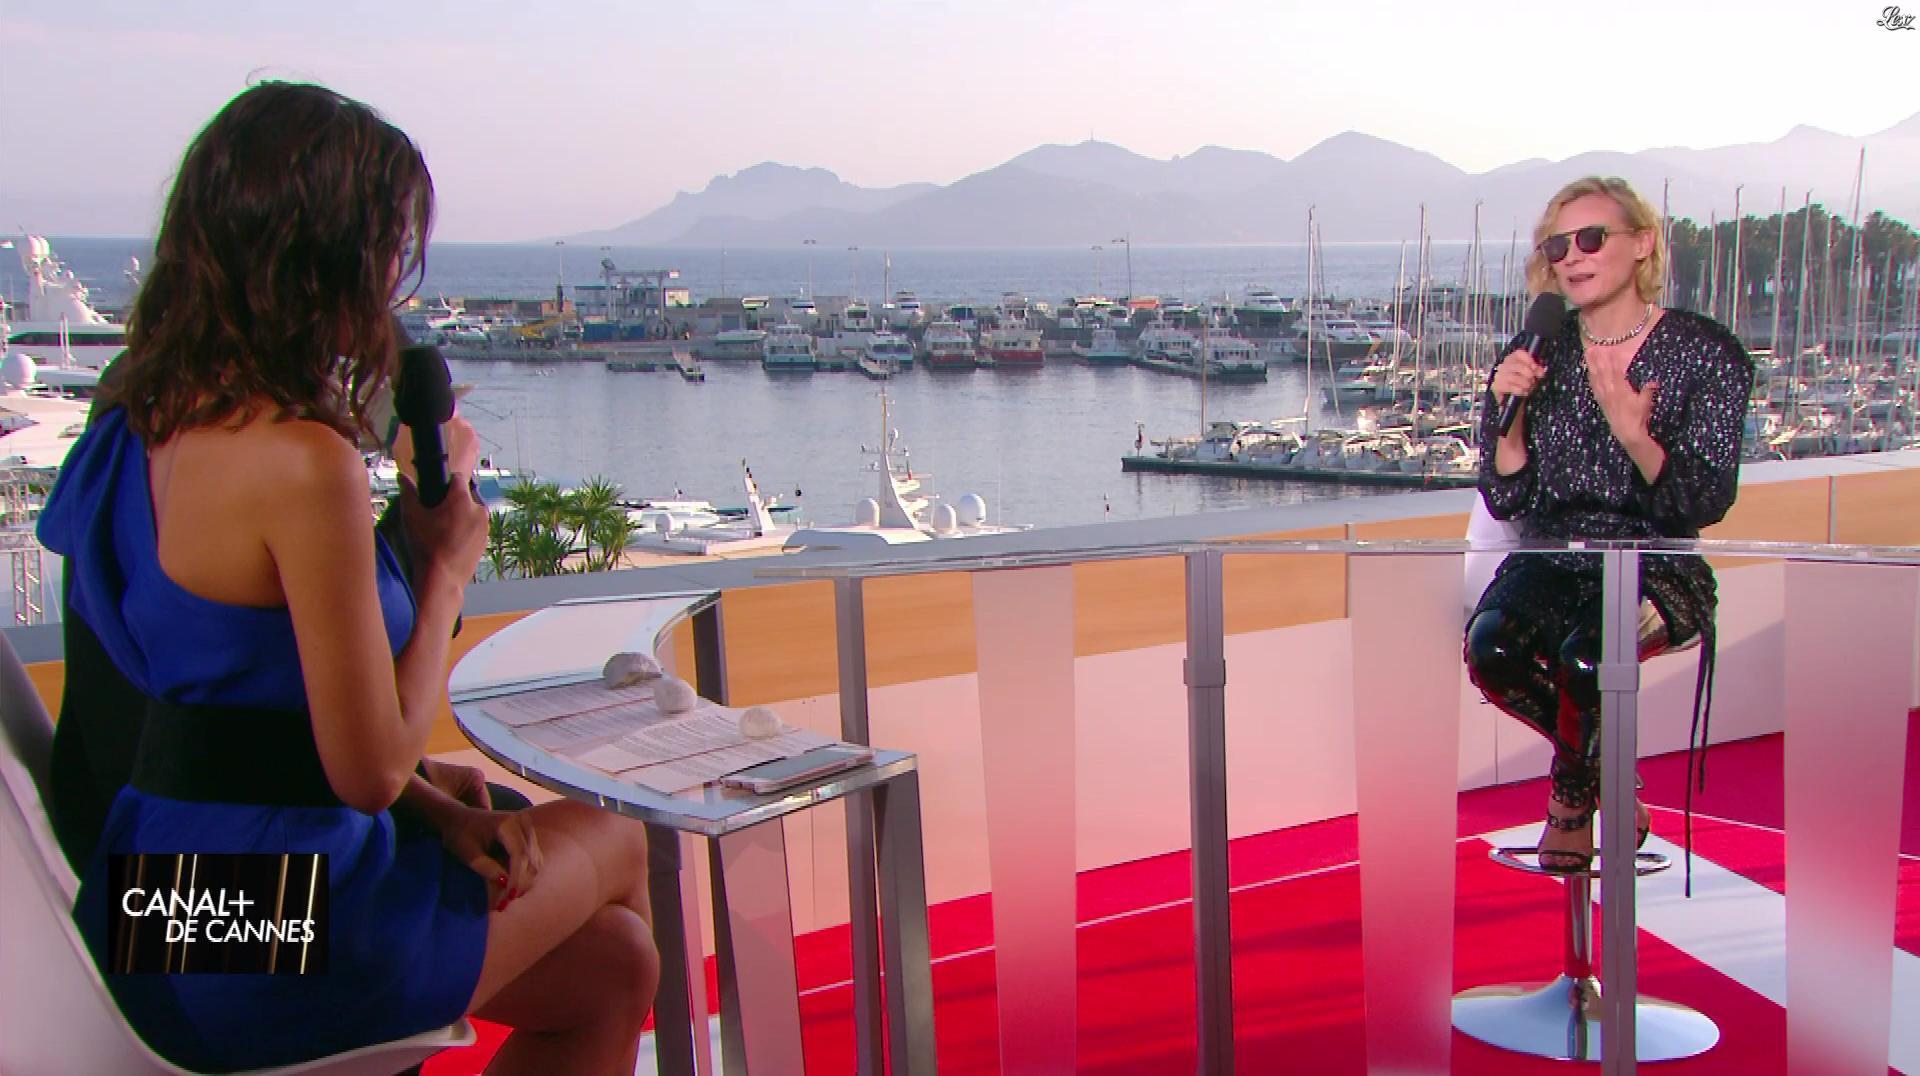 Laurie Cholewa et Diane Kruger dans Canal Plus de Cannes. Diffusé à la télévision le 24/05/17.